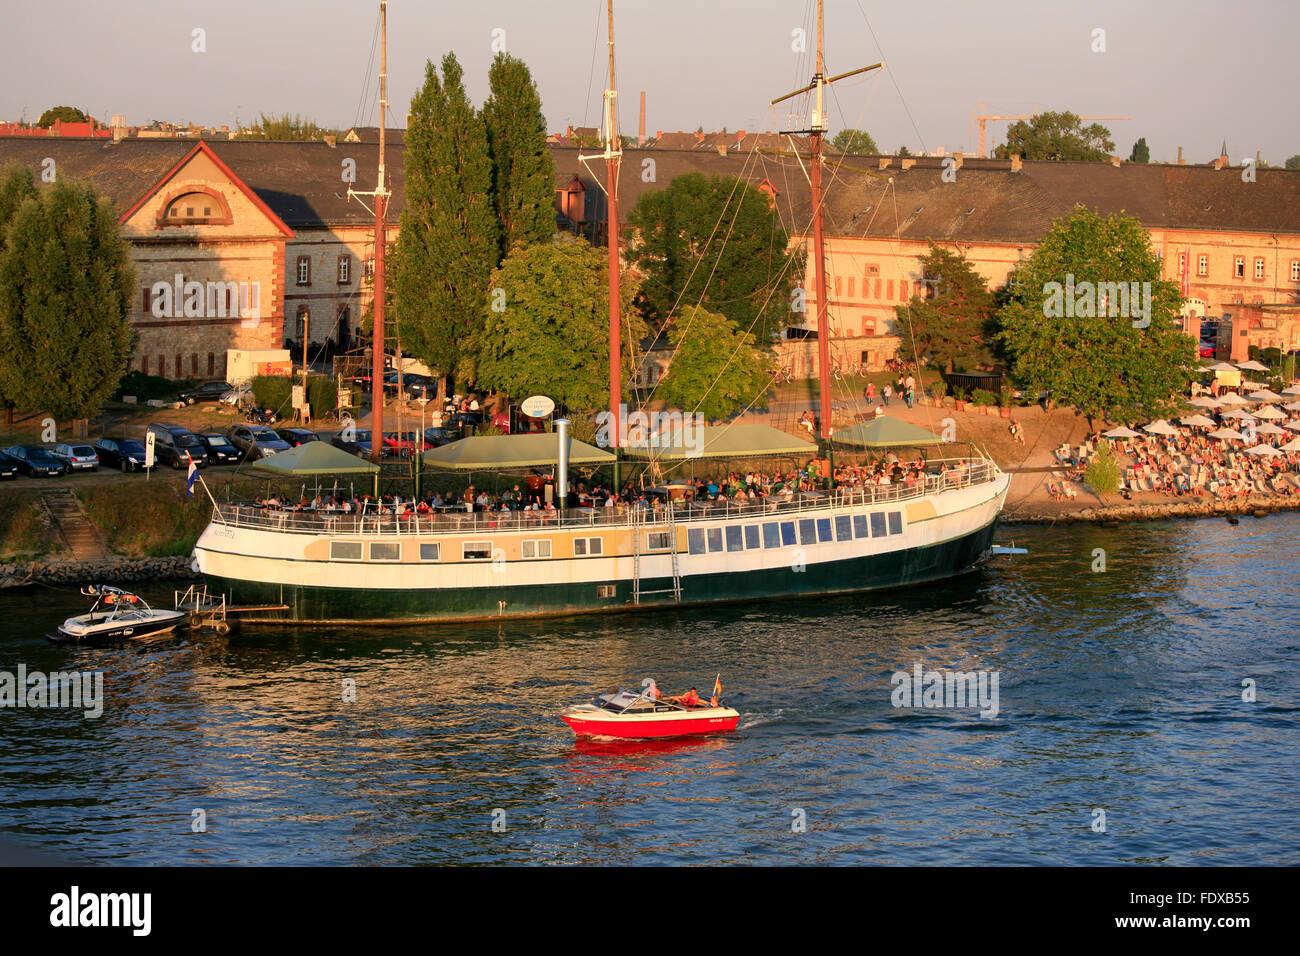 Deutschland, Hessen, Wiesbaden, Stadtteil Mainz-Kastel, beach cafe and restaurant ship - Stock Image